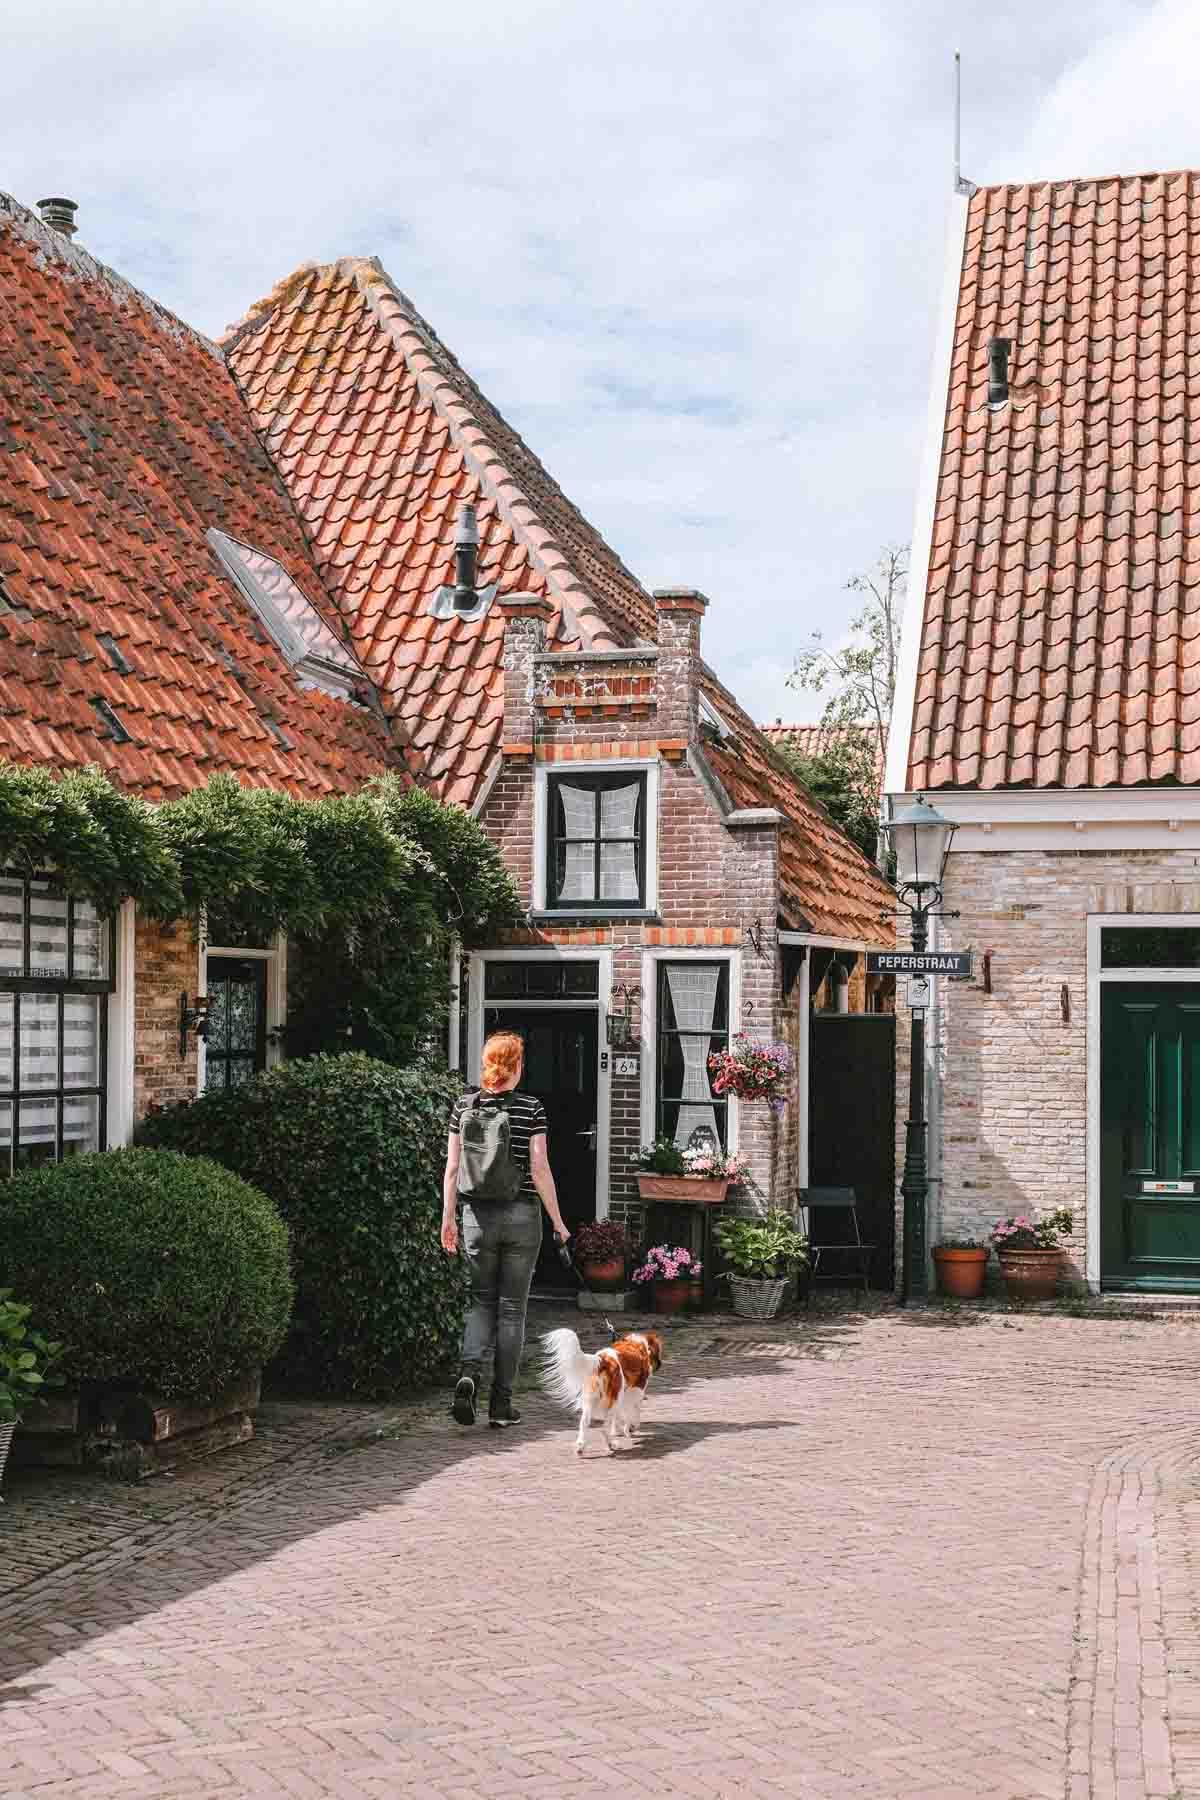 25x de leukste dingen om te doen op Texel, het dorpje Oosterend